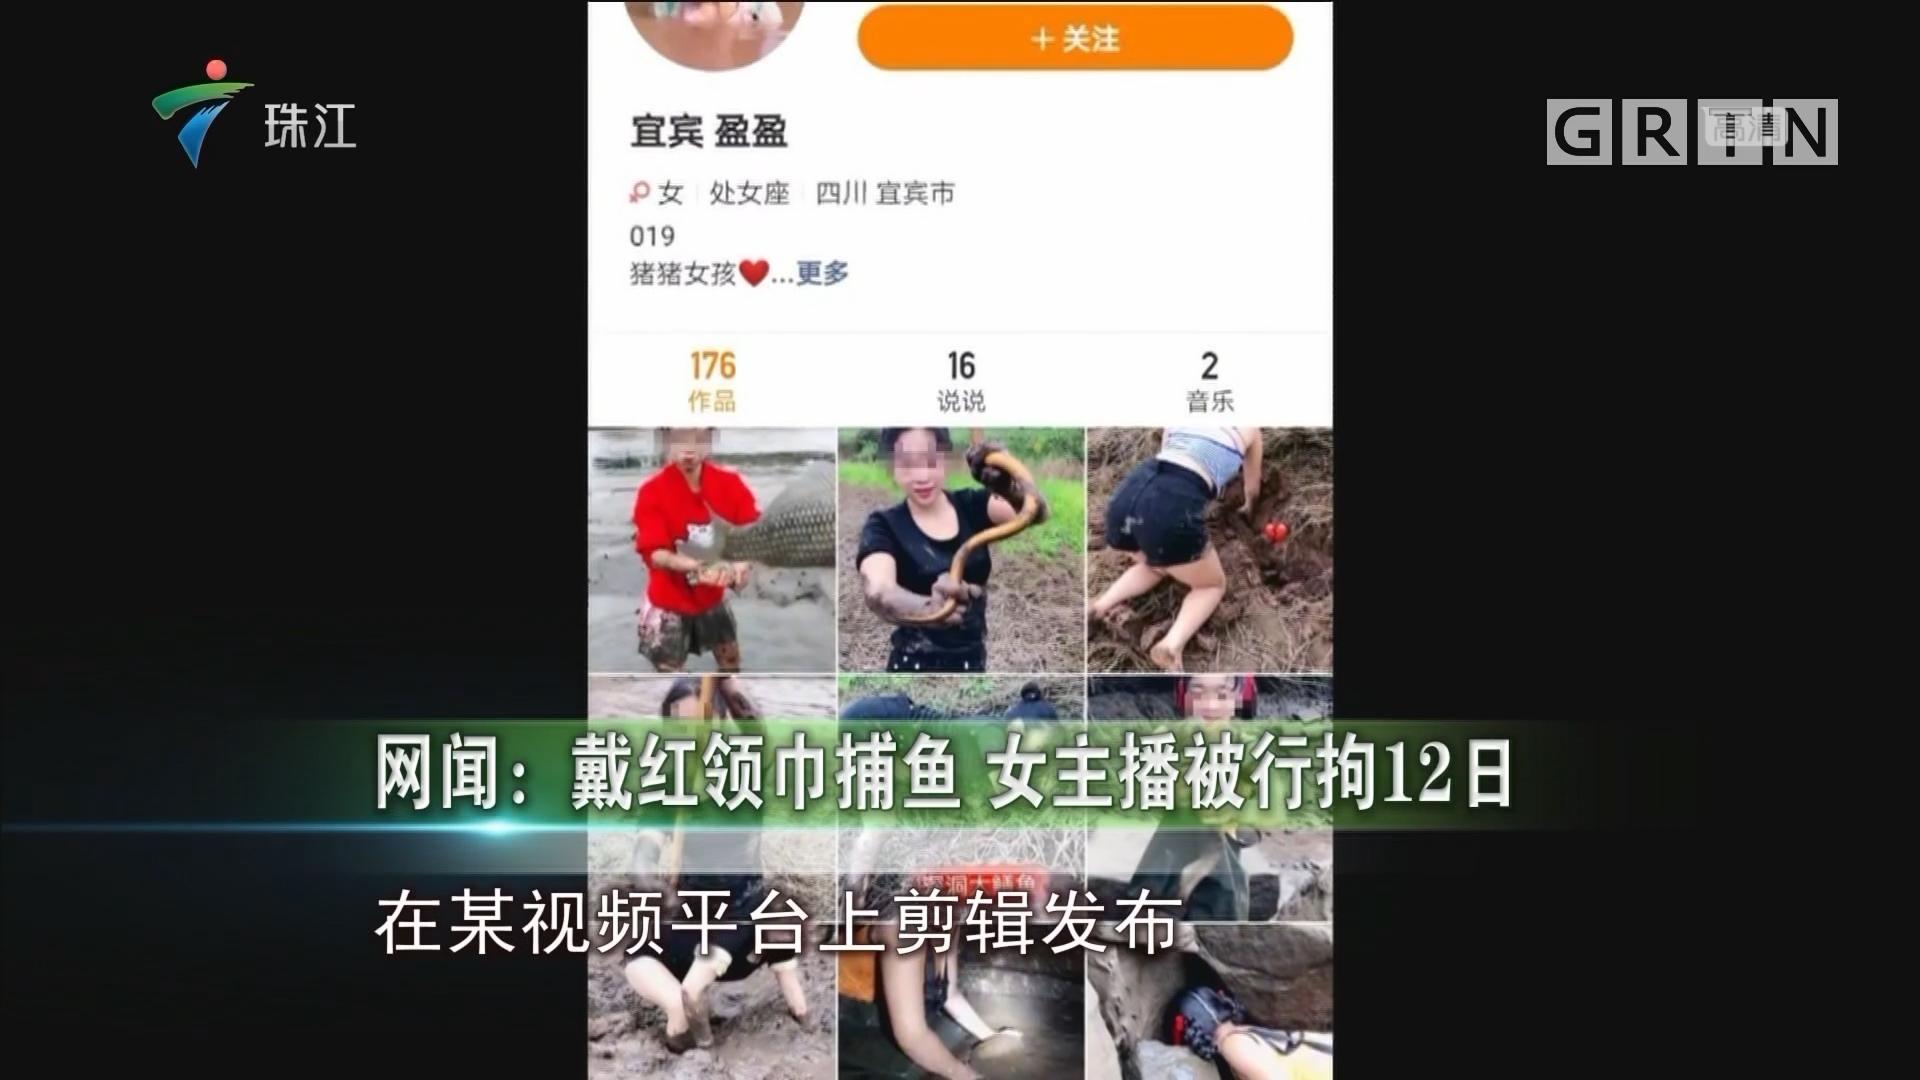 网闻:戴红领巾捕鱼 女主播被行拘12日